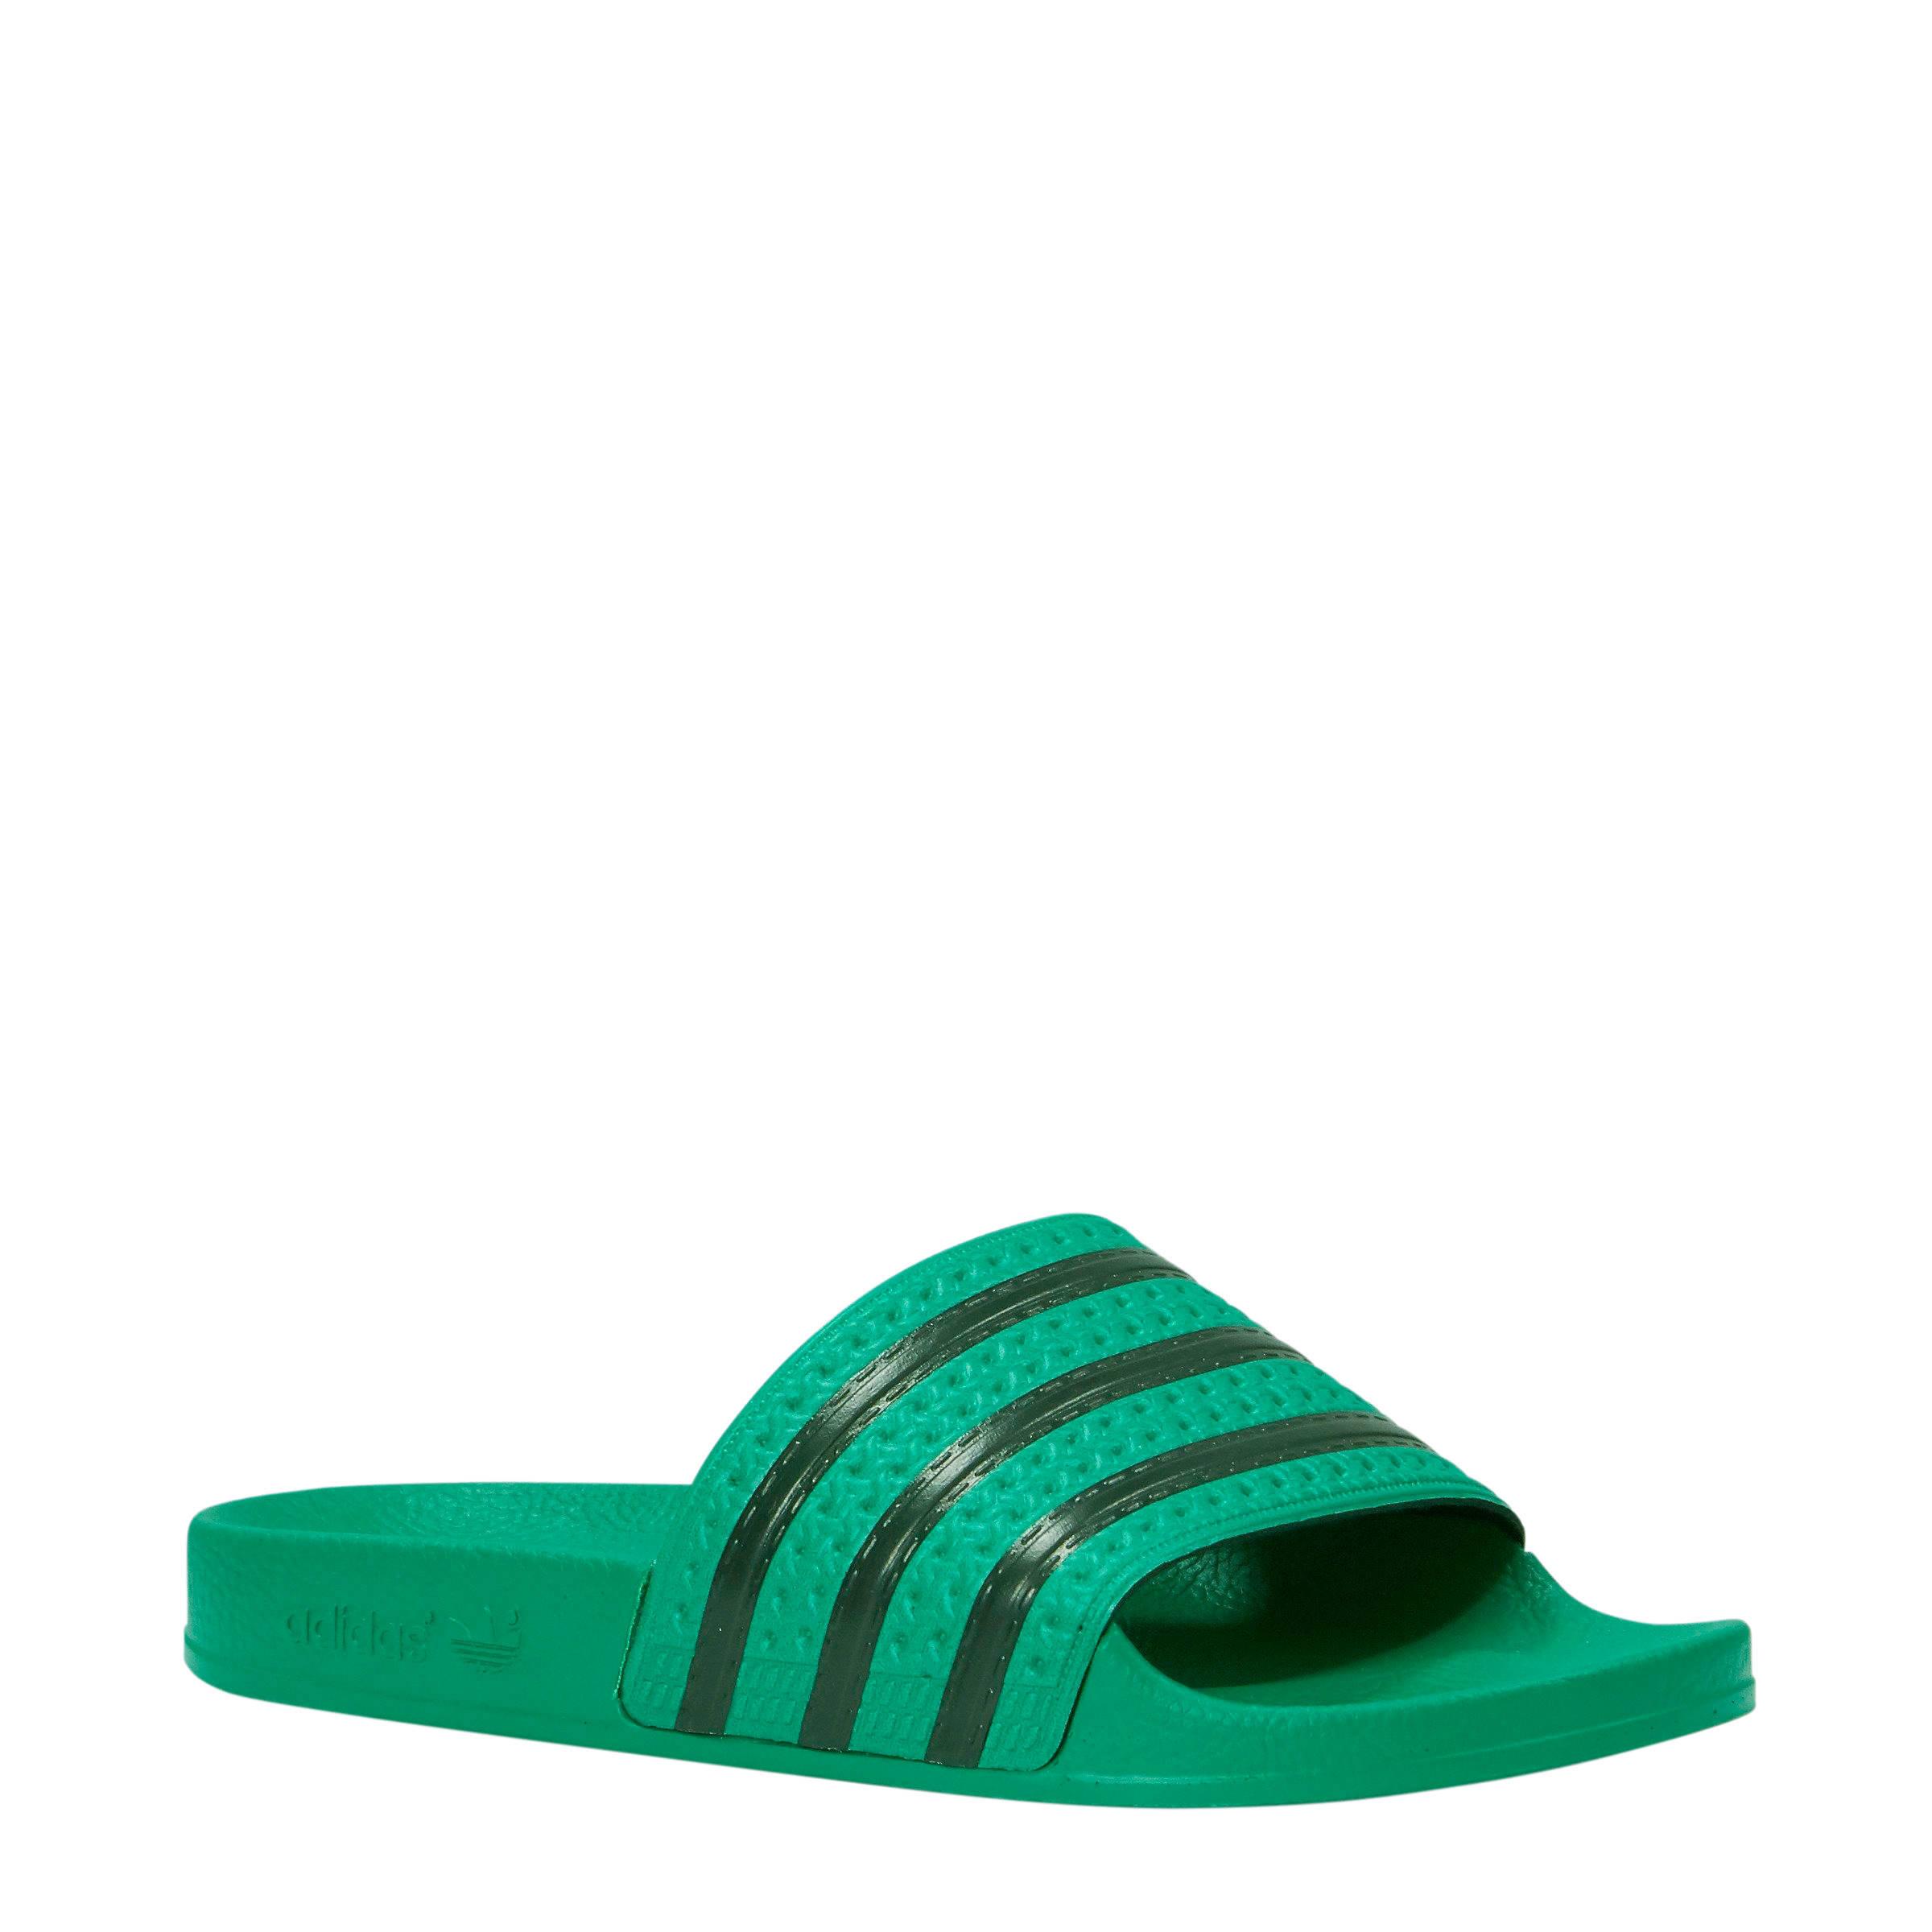 dba0d75e0e3 adidas Originals heren bij wehkamp - Gratis bezorging vanaf 20.-